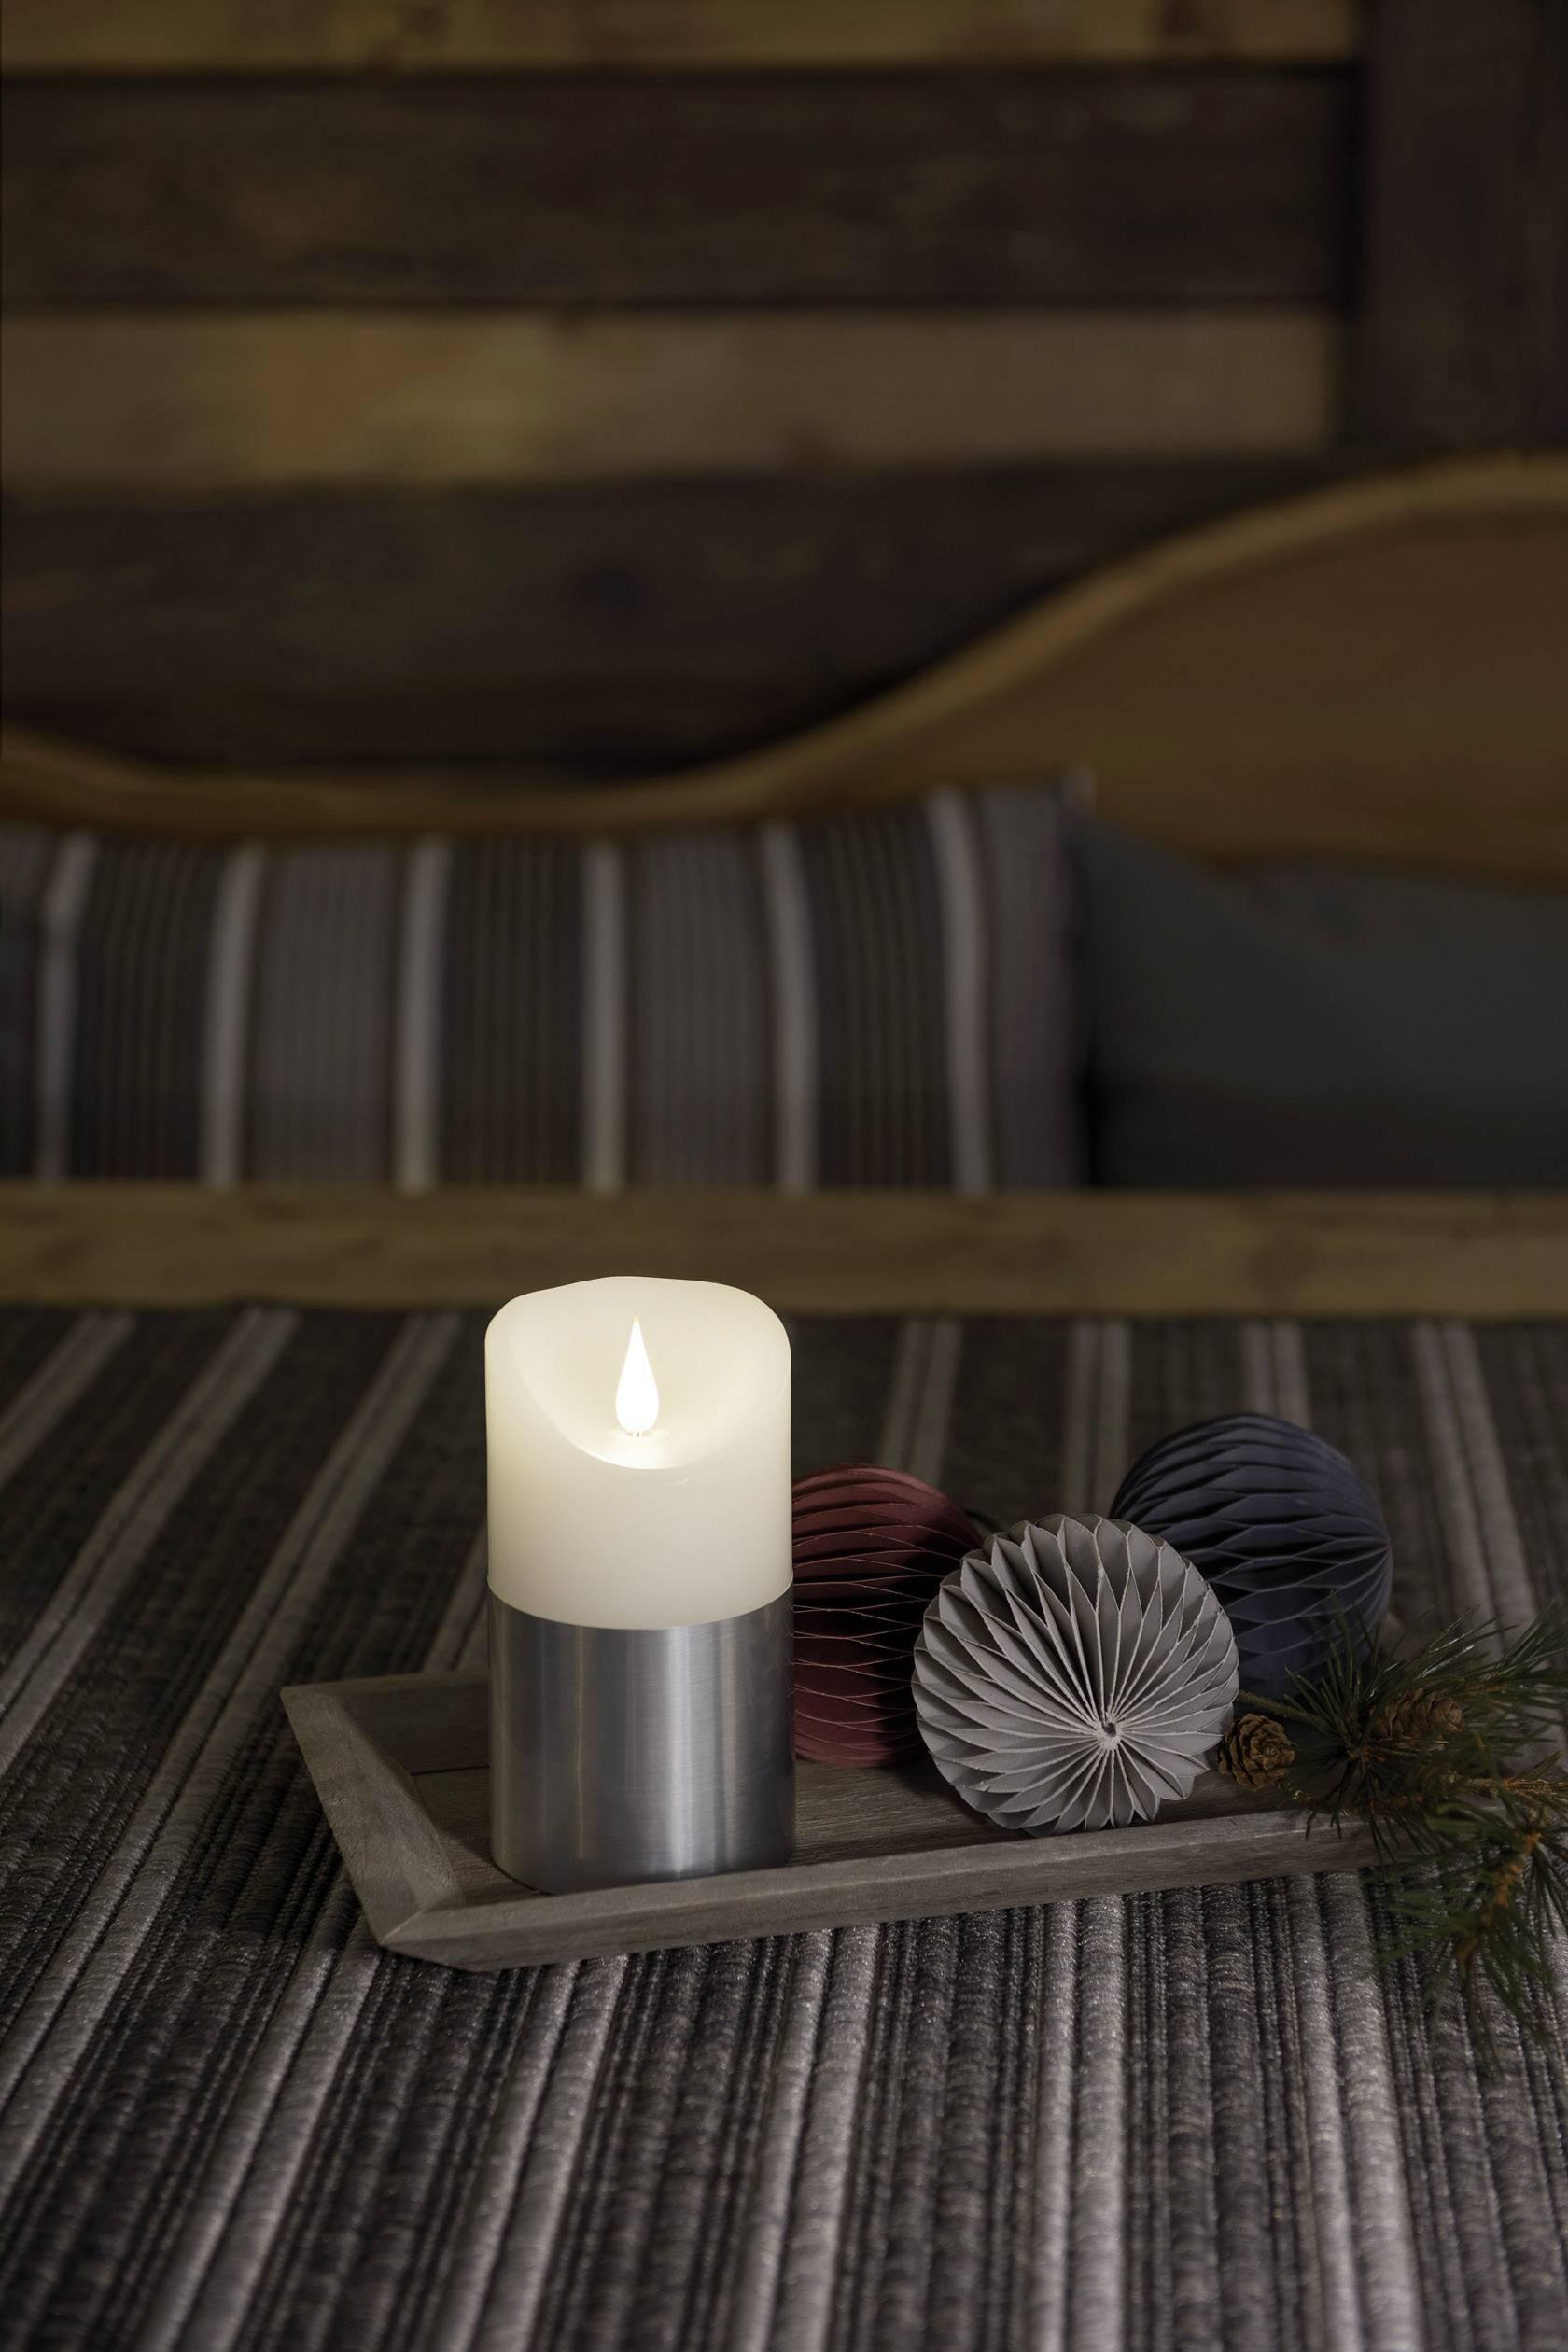 LED vosková svíčka bílá Konstsmide 1820-300 teplá bílá